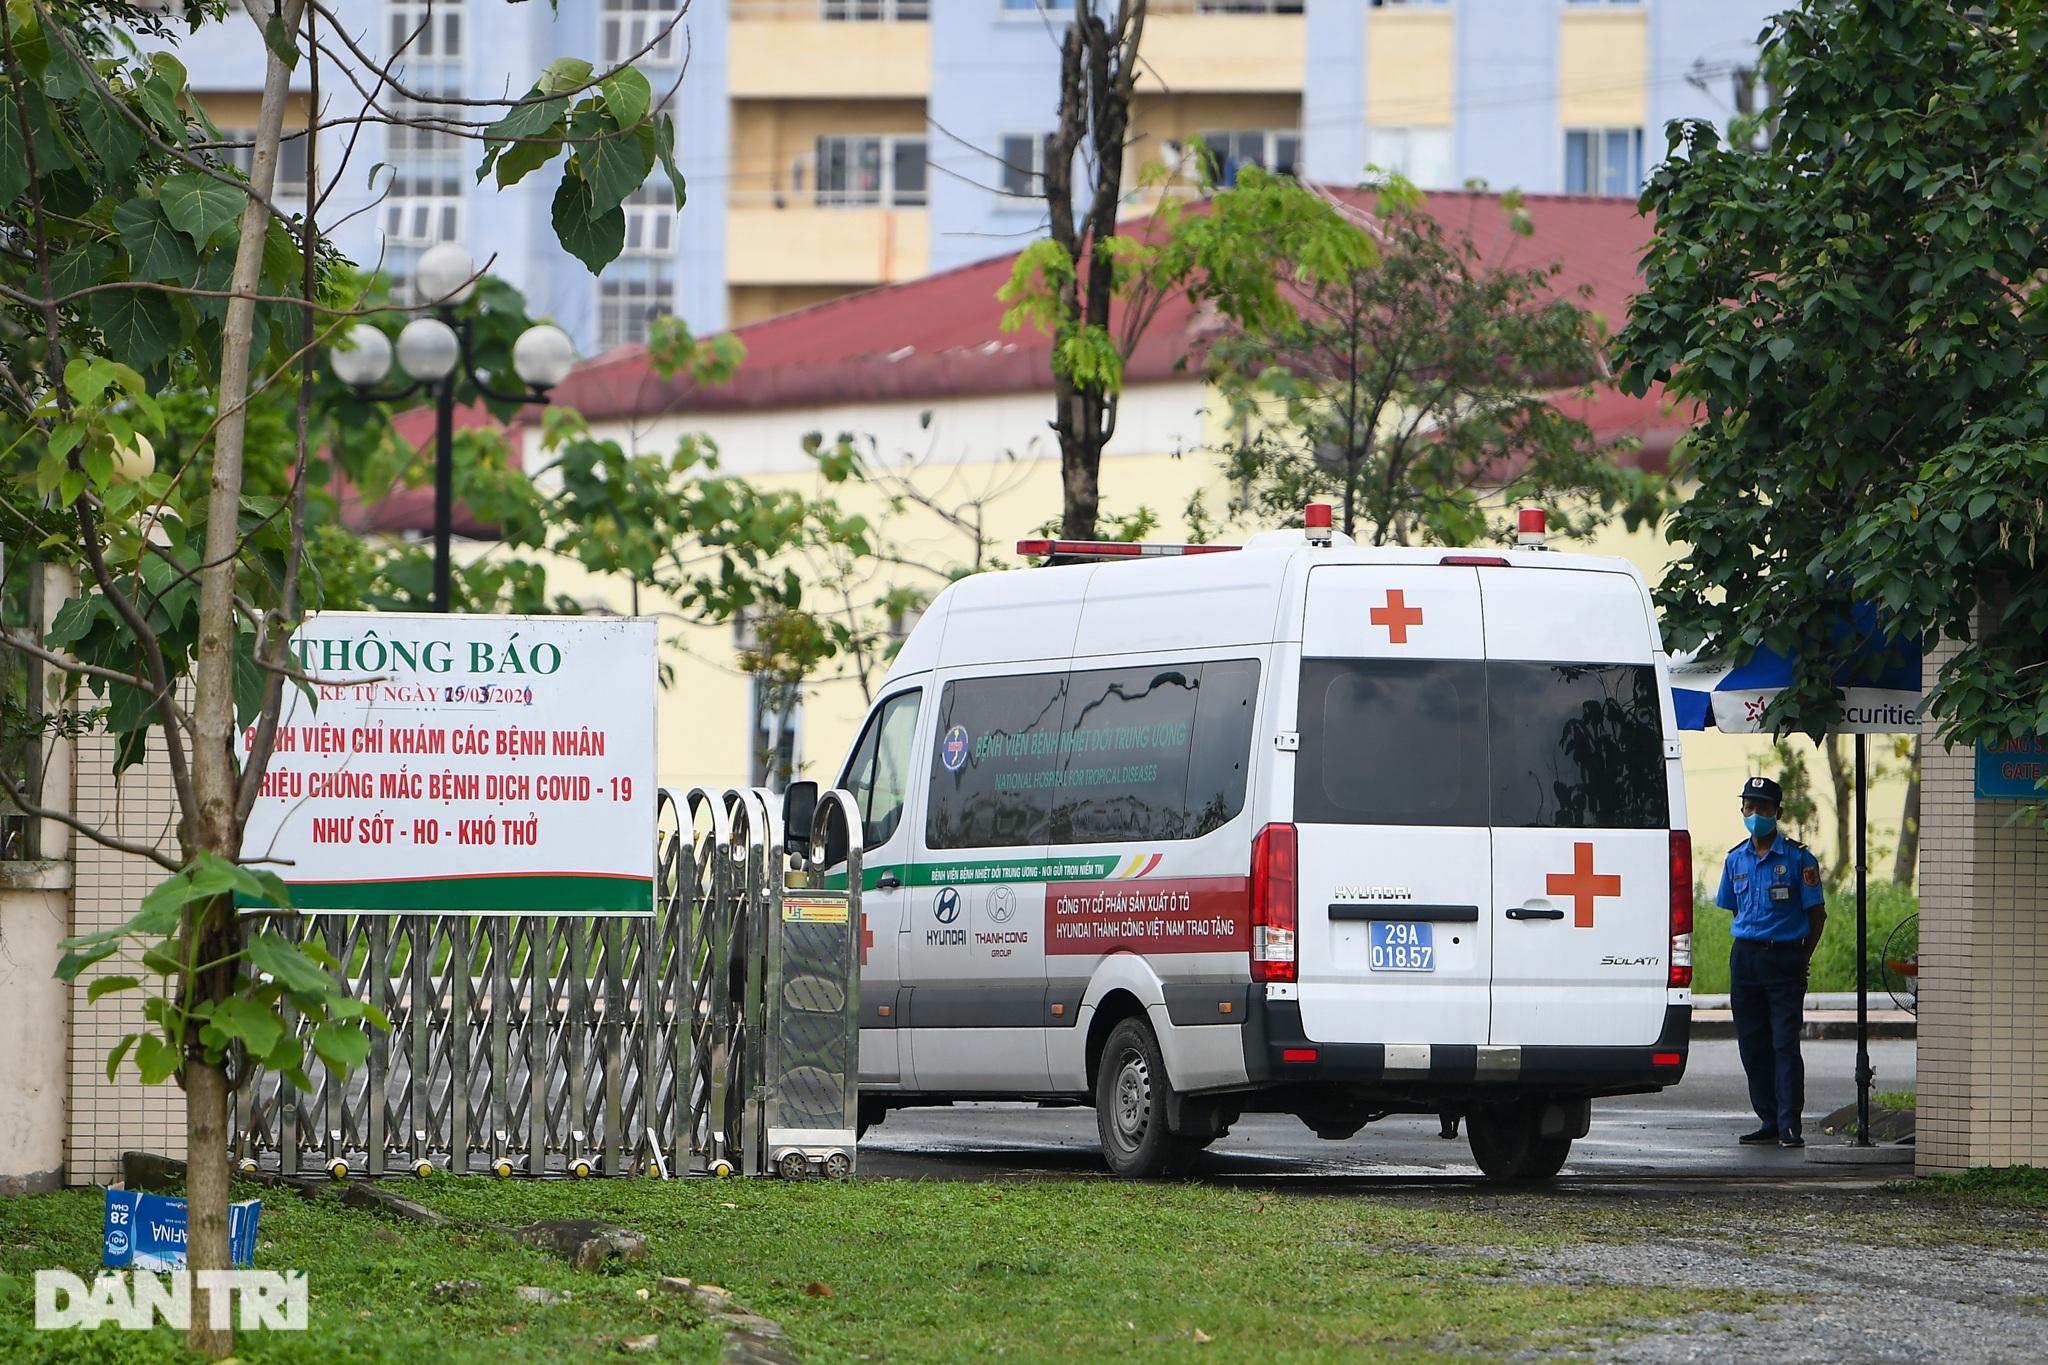 Nội bất xuất, ngoại bất nhập khi phong tỏa Bệnh viện Bệnh Nhiệt đới TƯ 2 - 7